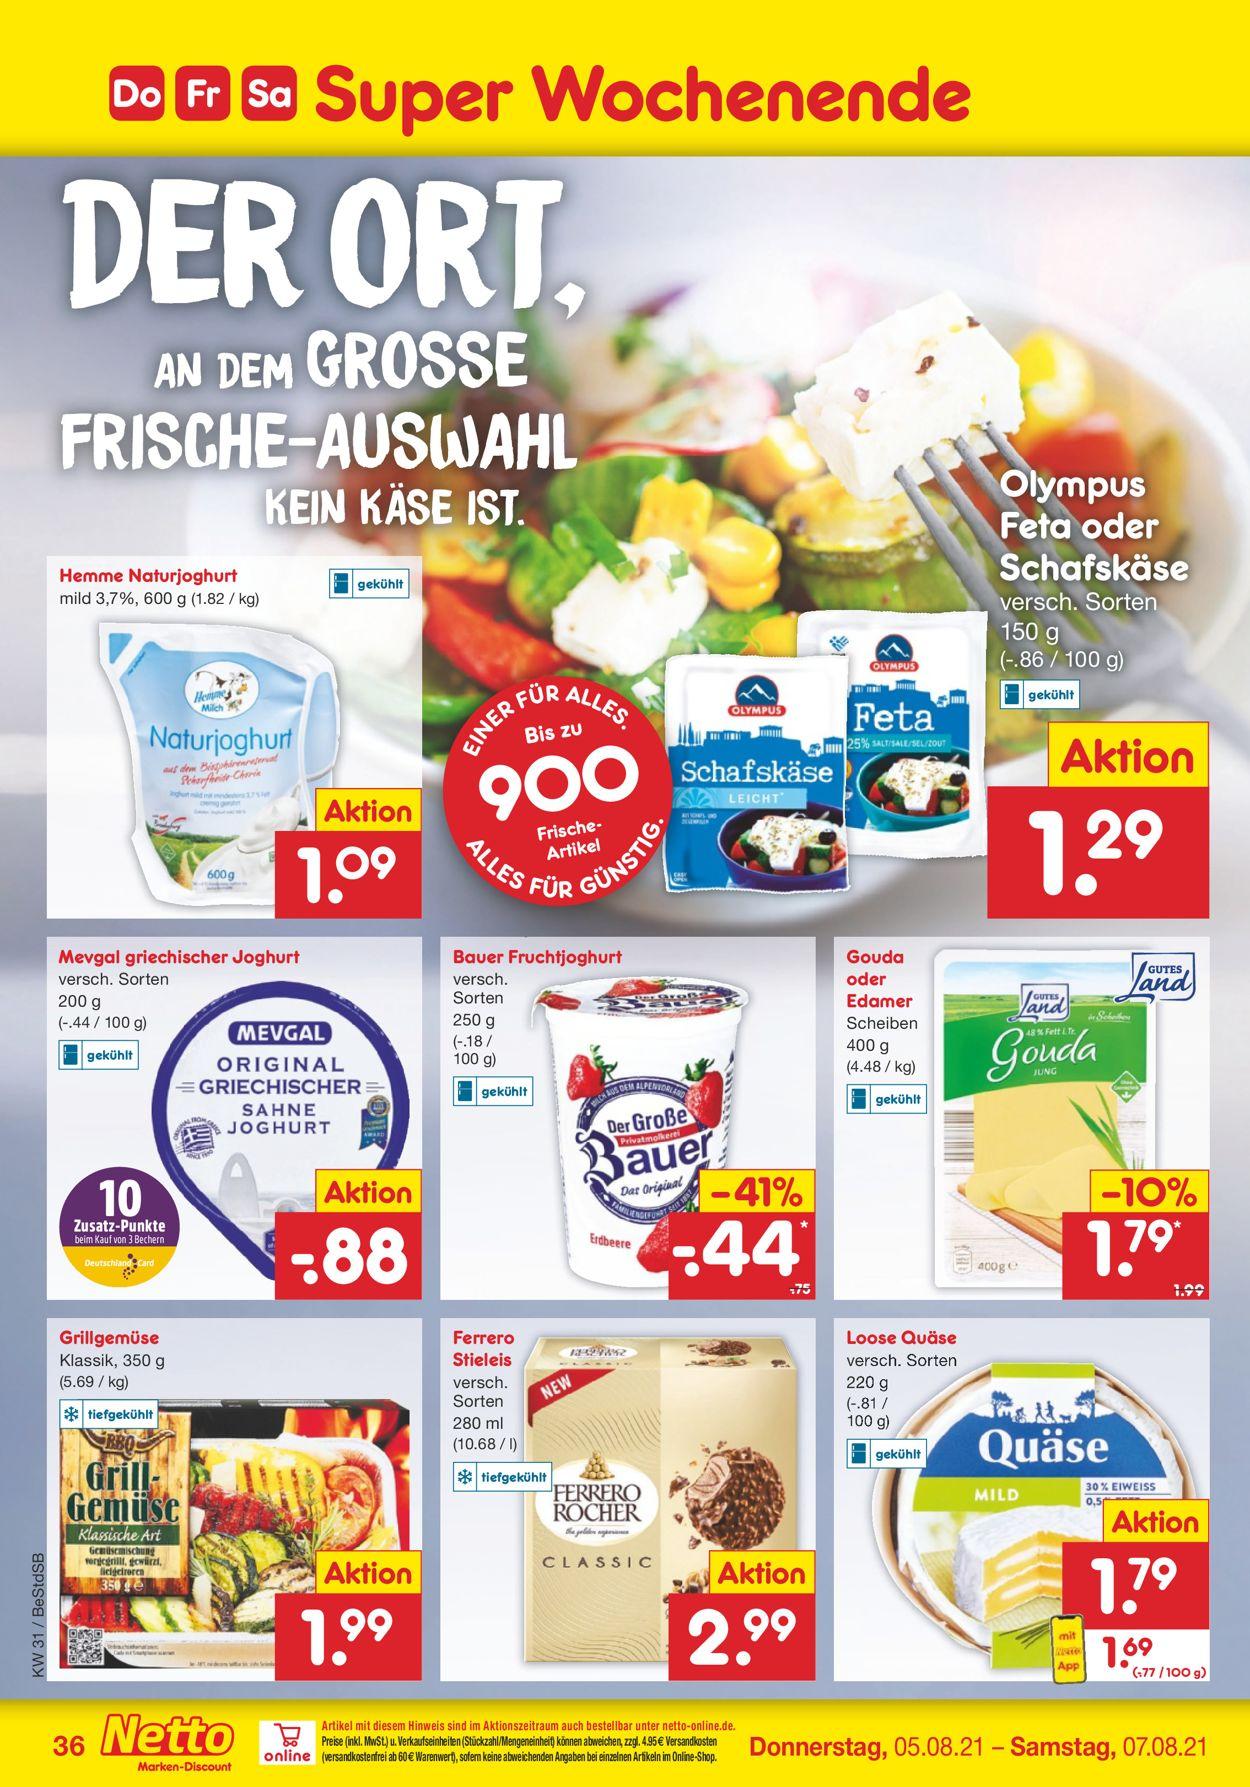 Netto Marken-Discount Prospekt - Aktuell vom 02.08-07.08.2021 (Seite 36)